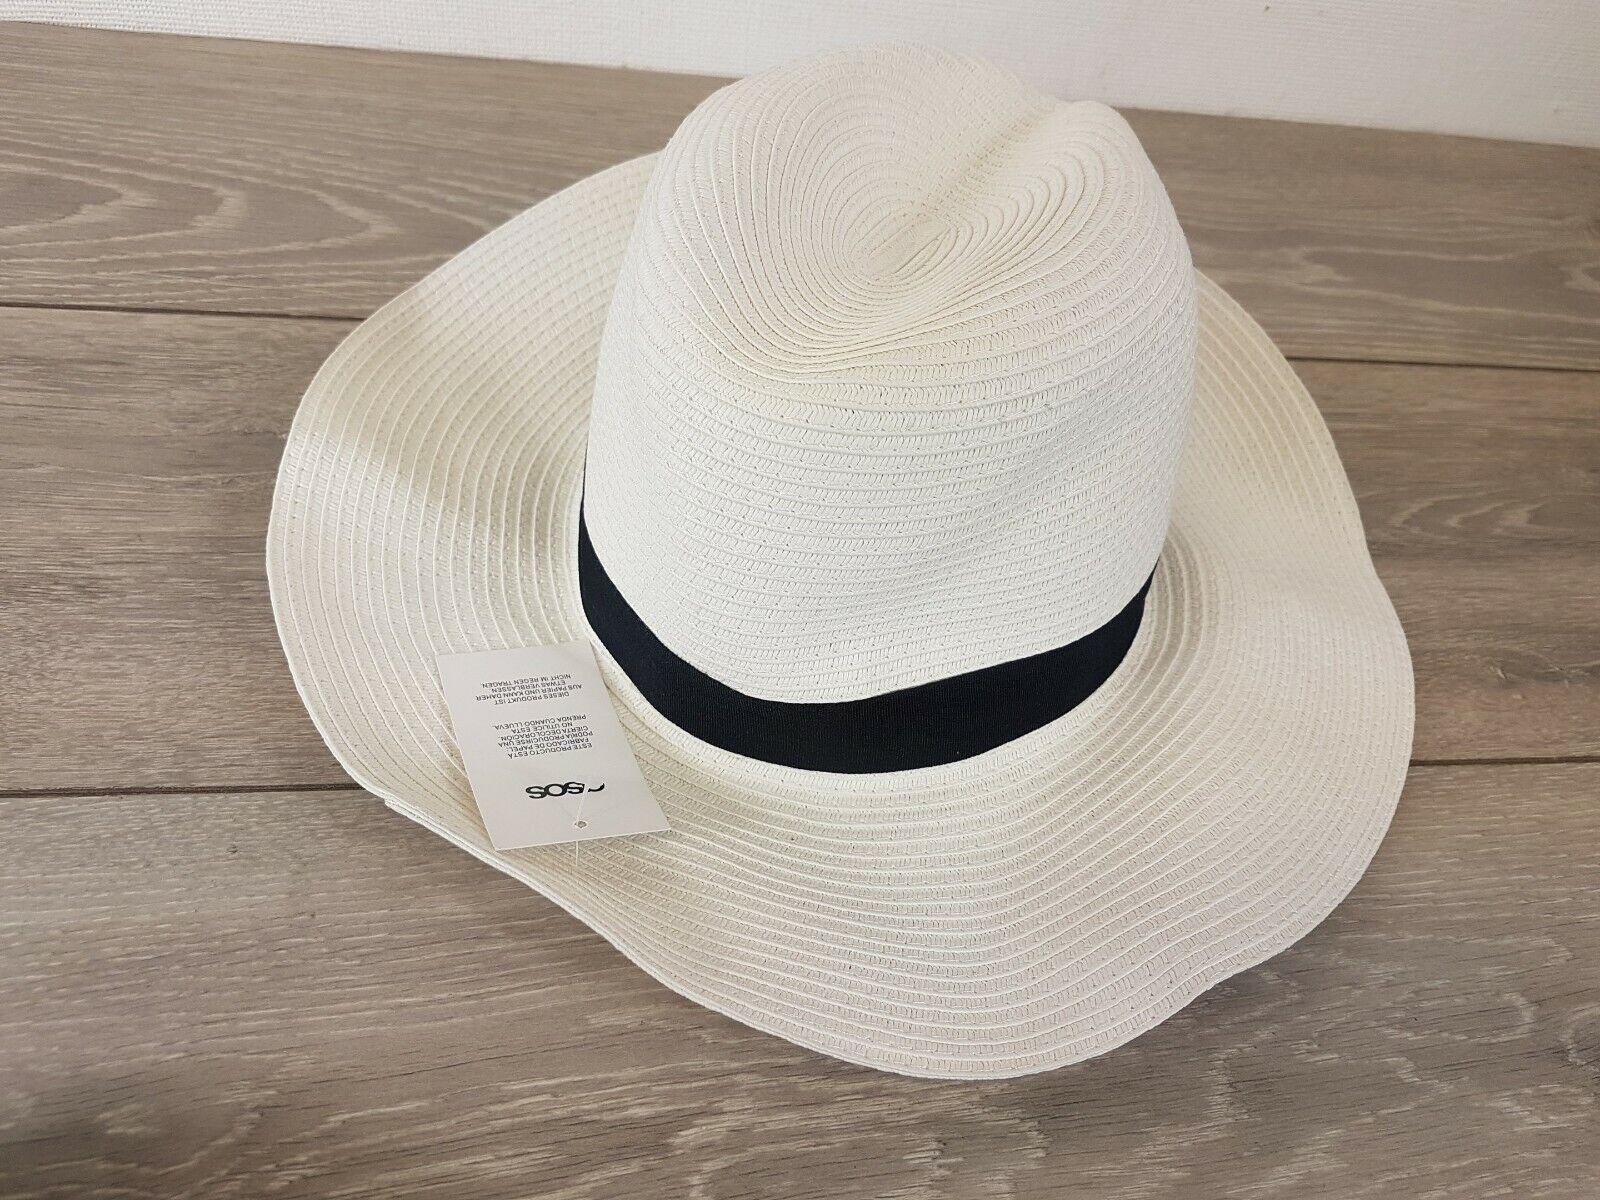 Asos Mujeres señoras Sol De Verano Playa Floppy Sombrero Ala Ancha Paja Blanco